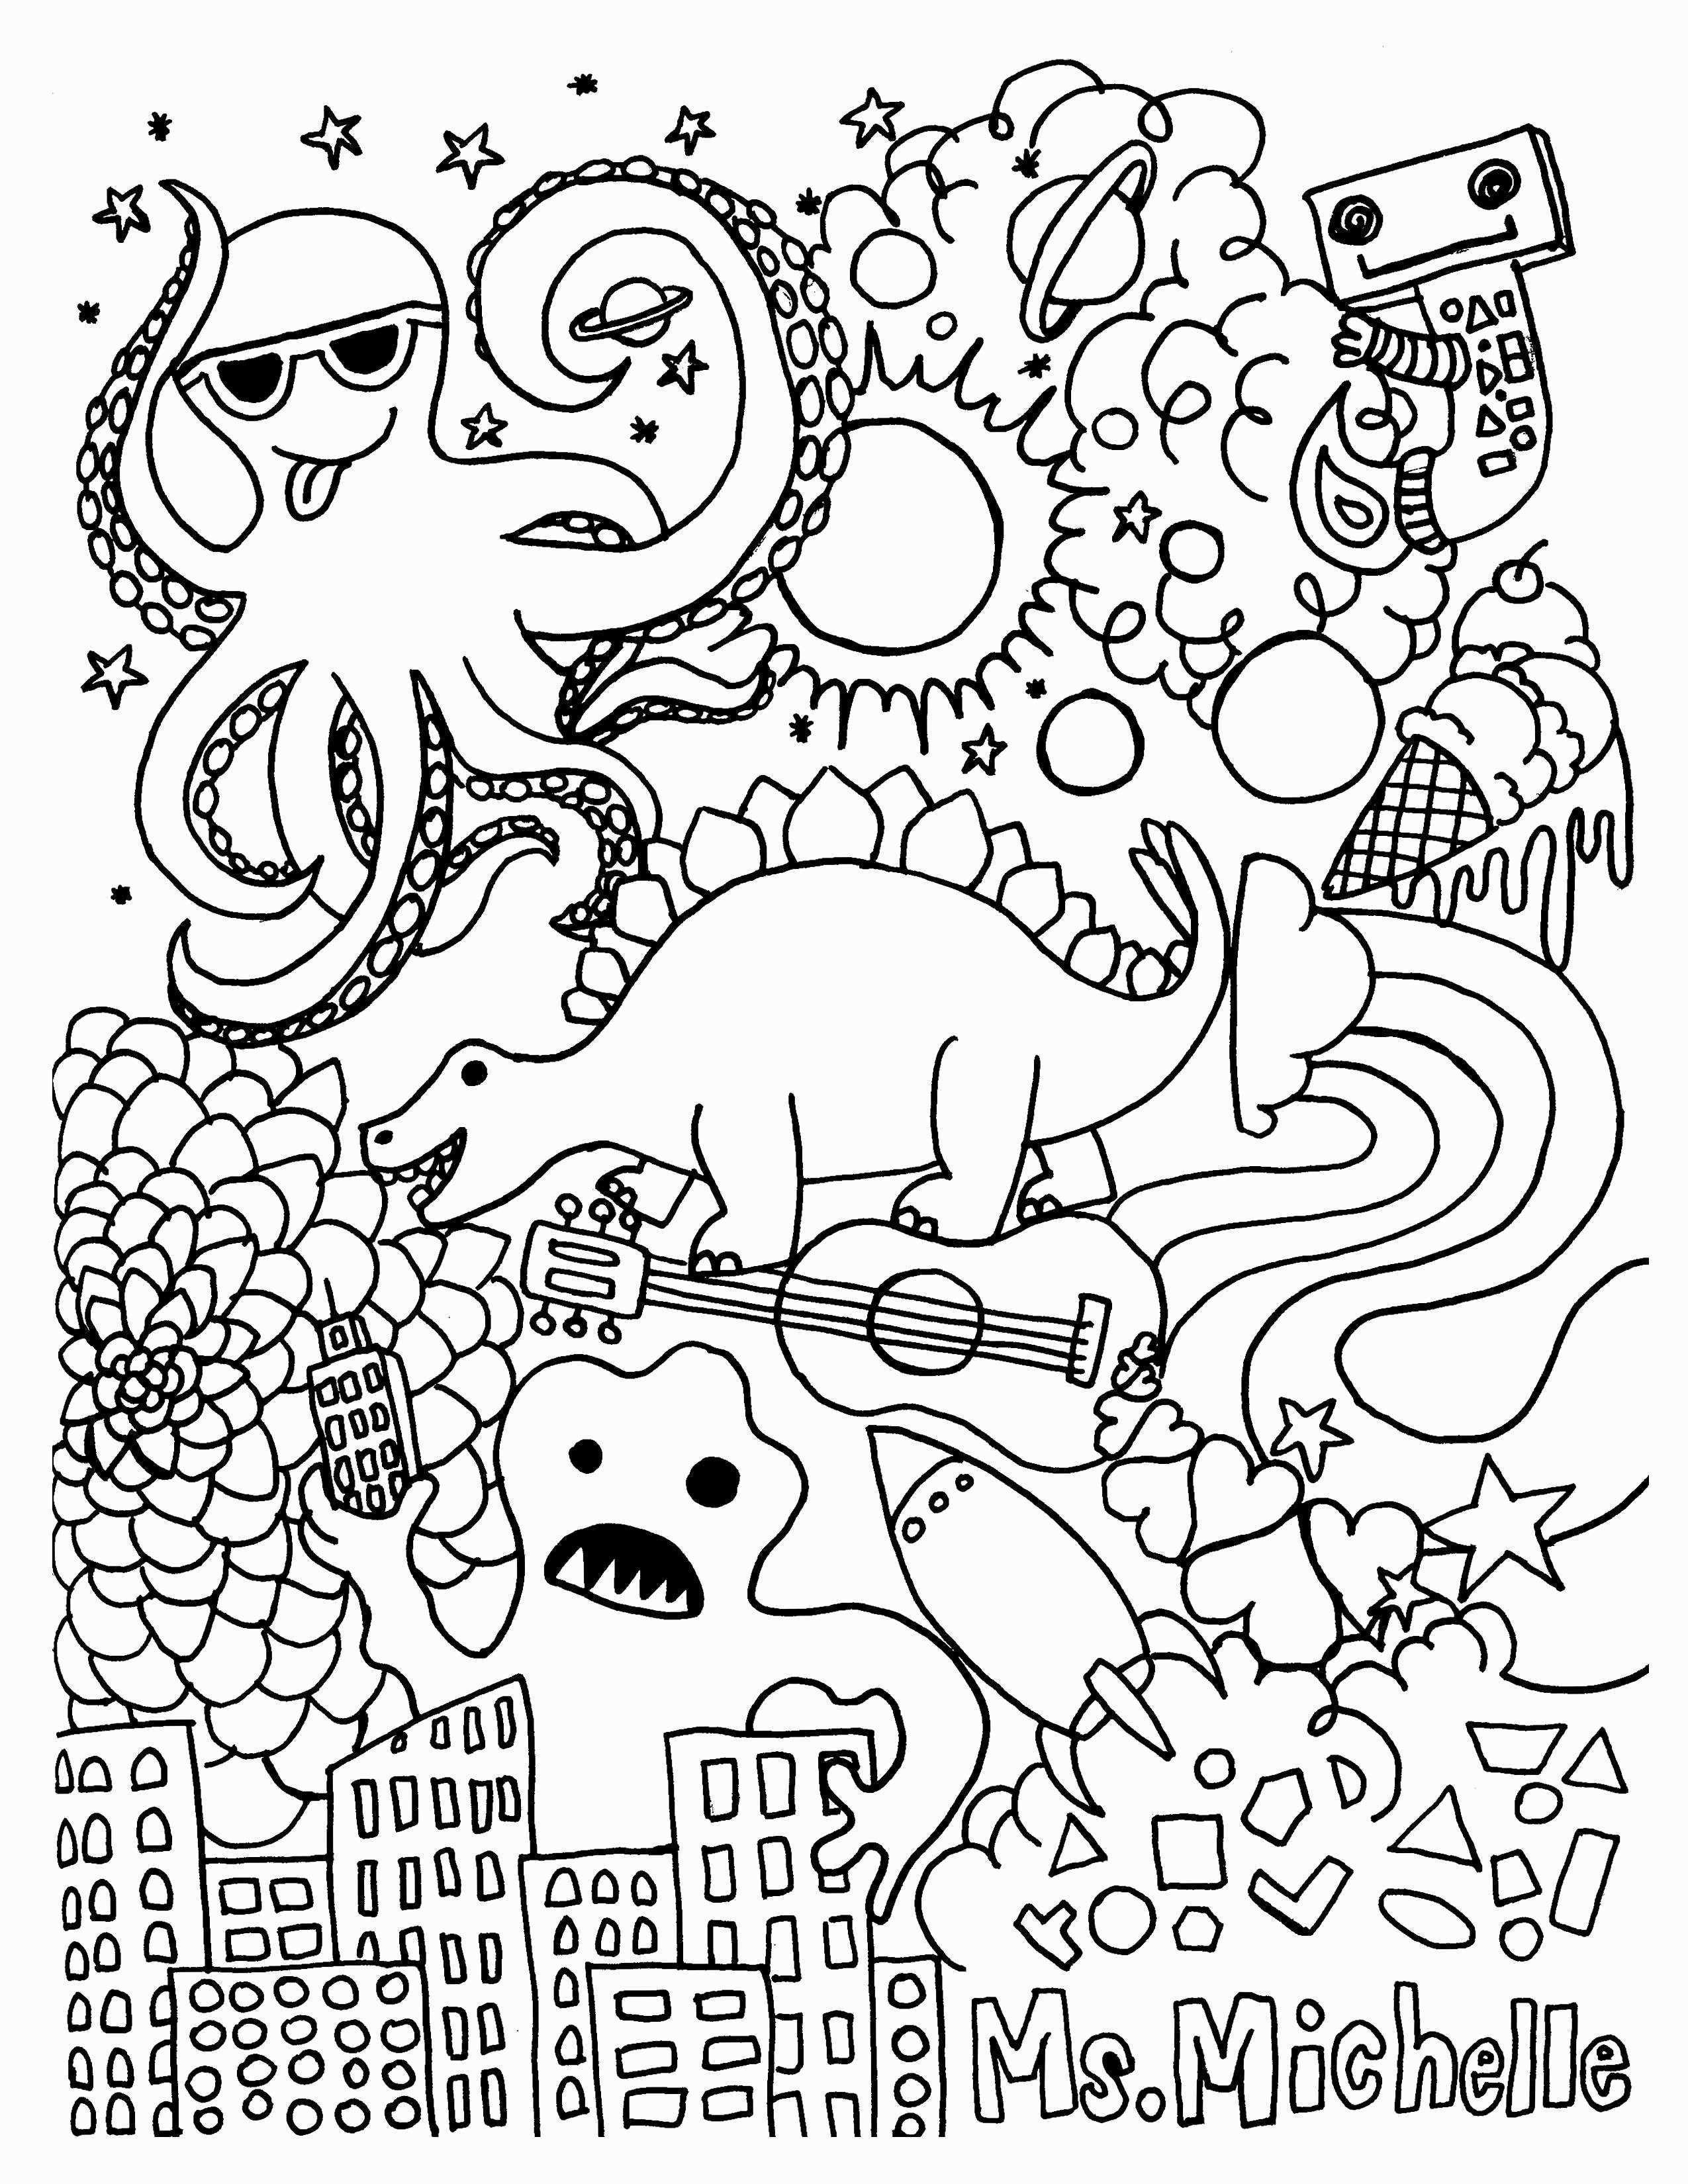 Ausmalbilder Ninjago Lloyd Einzigartig Kirby Coloring Pages Beautiful Malvorlagen Ninjago Lloyd Neu Lego Fotos